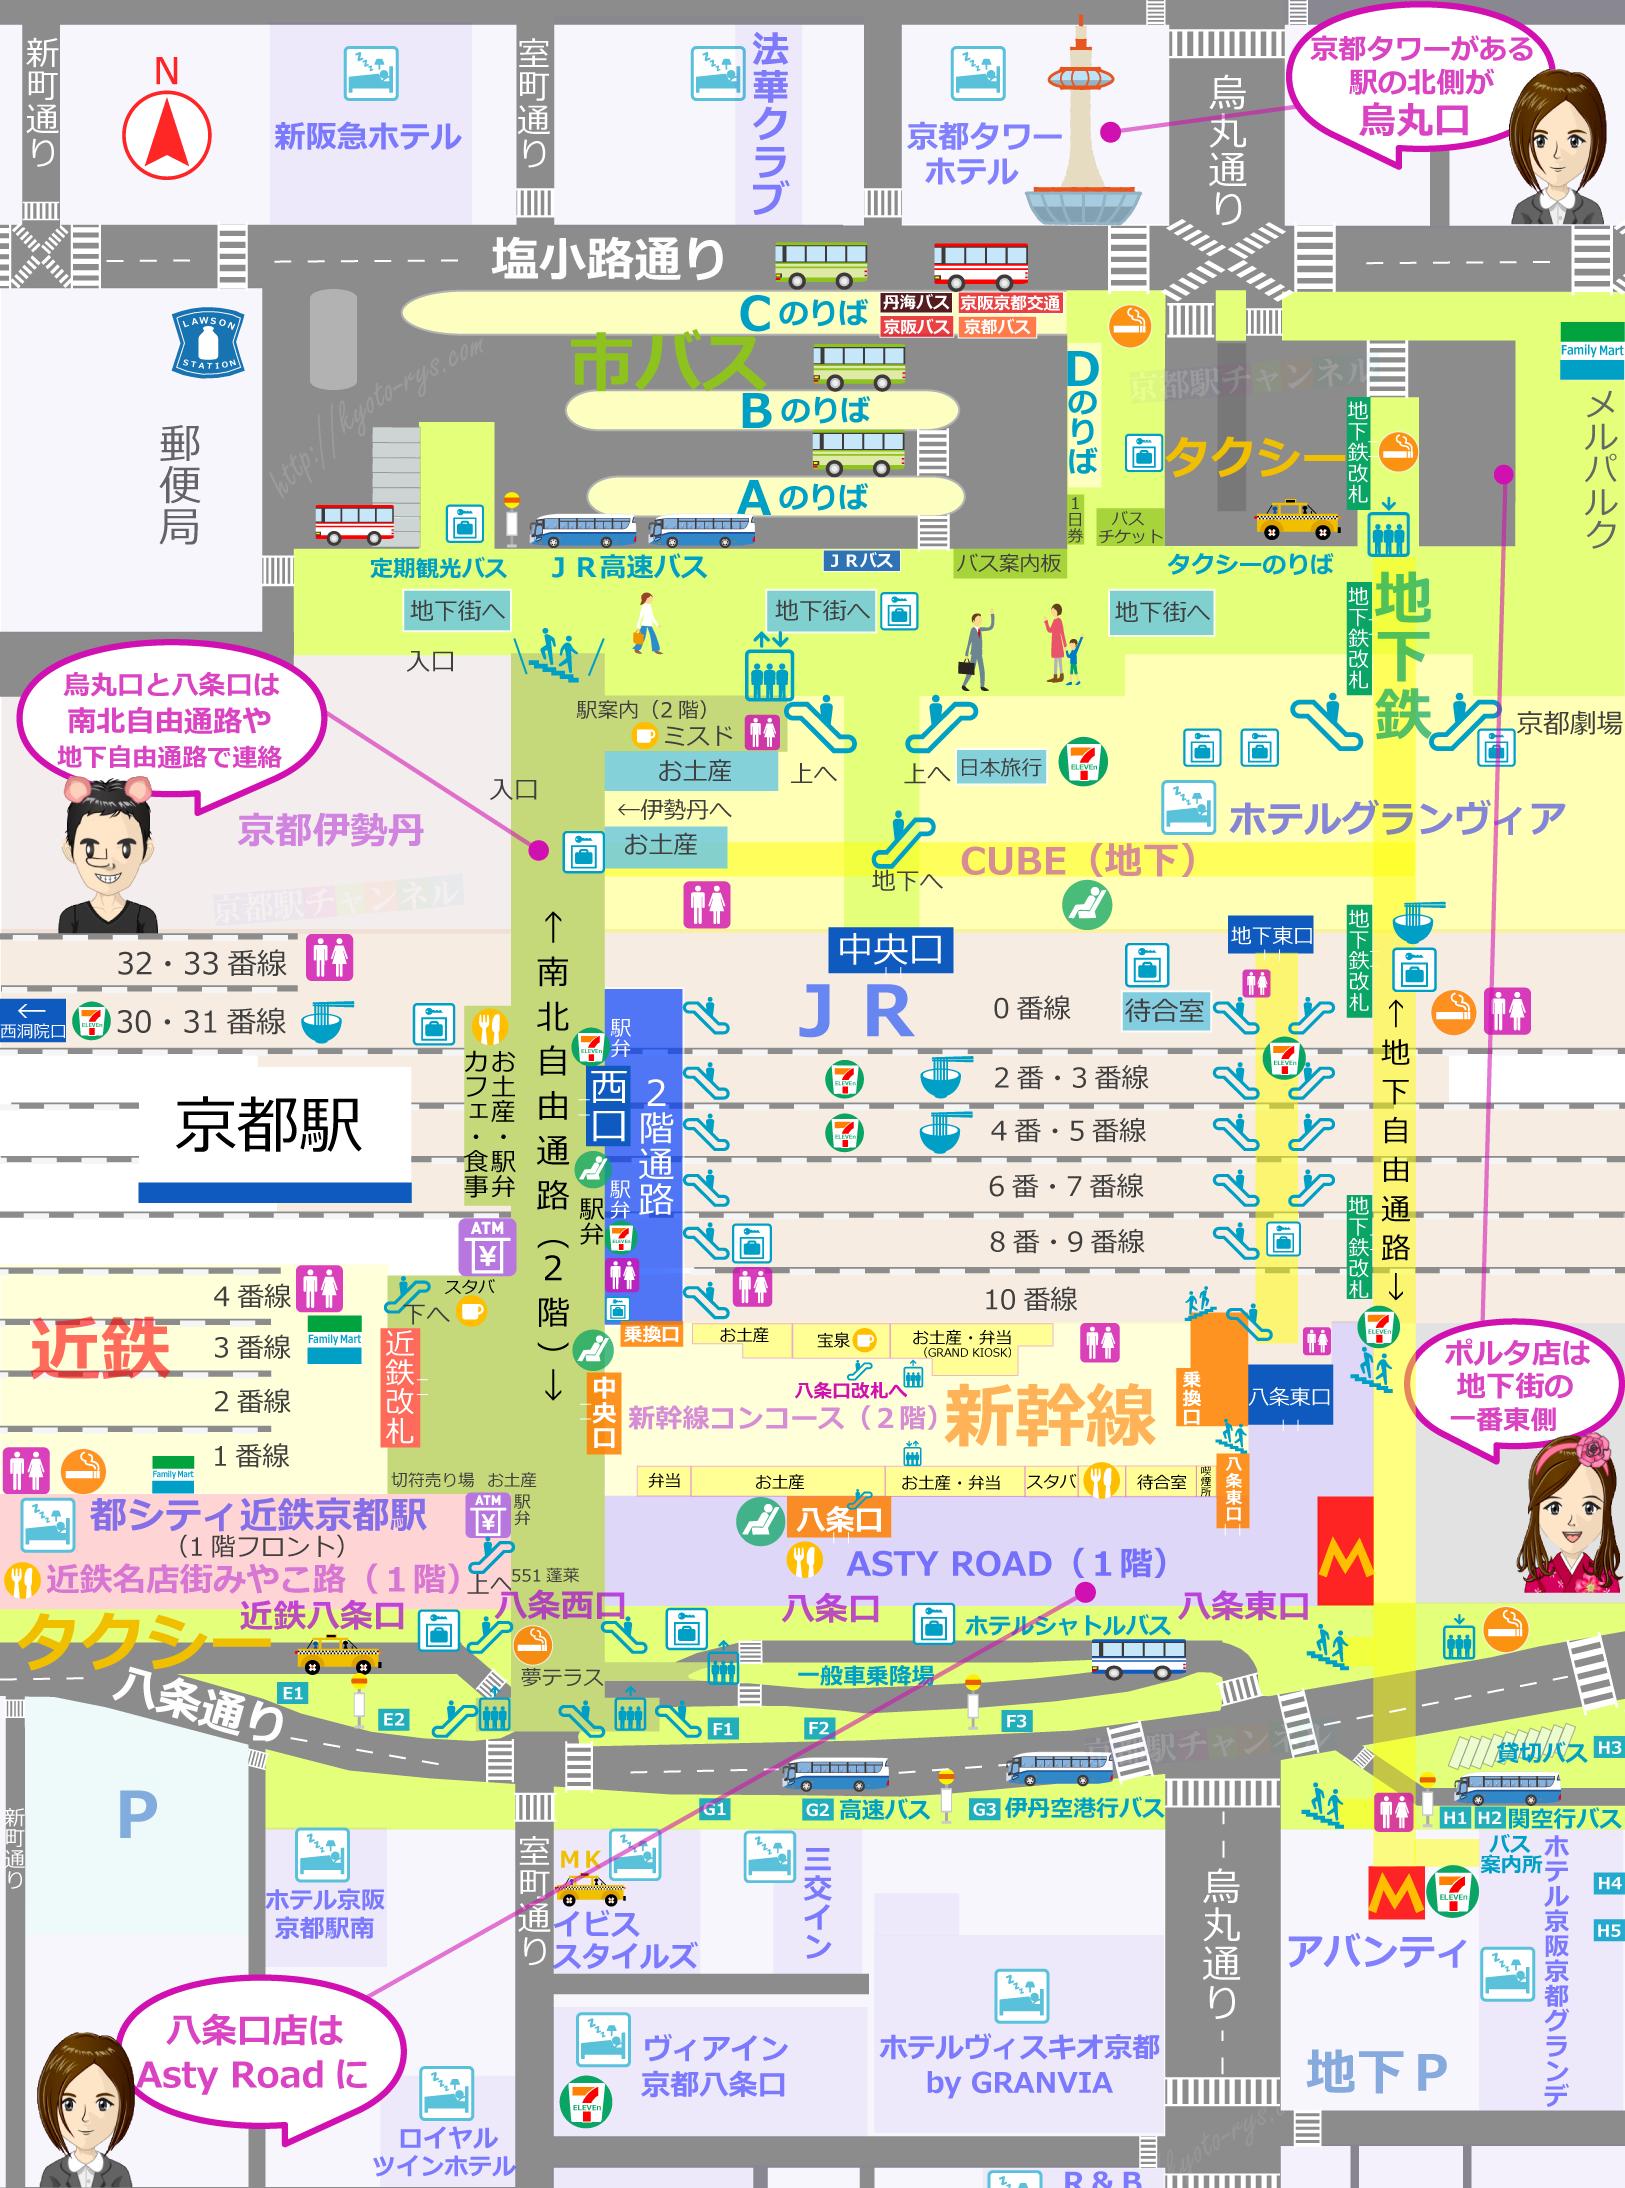 イノダコーヒの店舗マップ